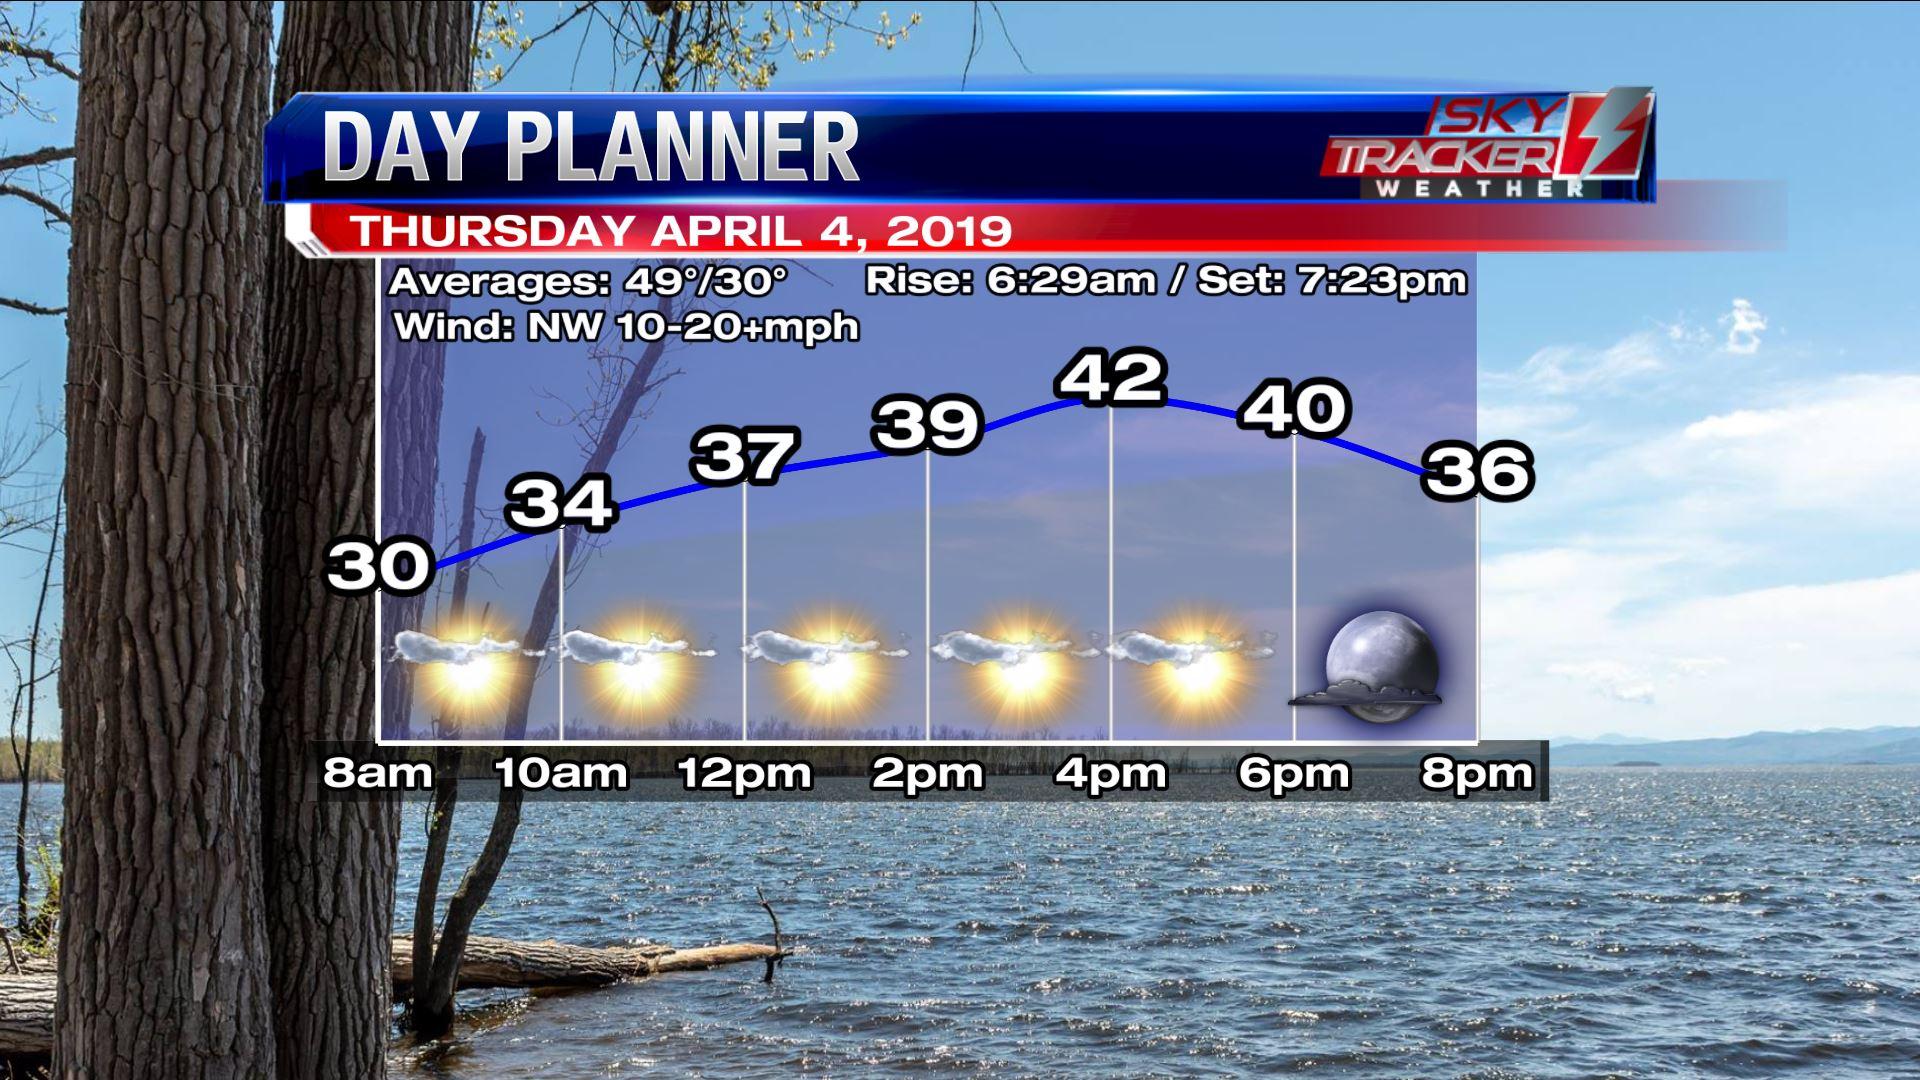 Planner for Thursday April 4 2019